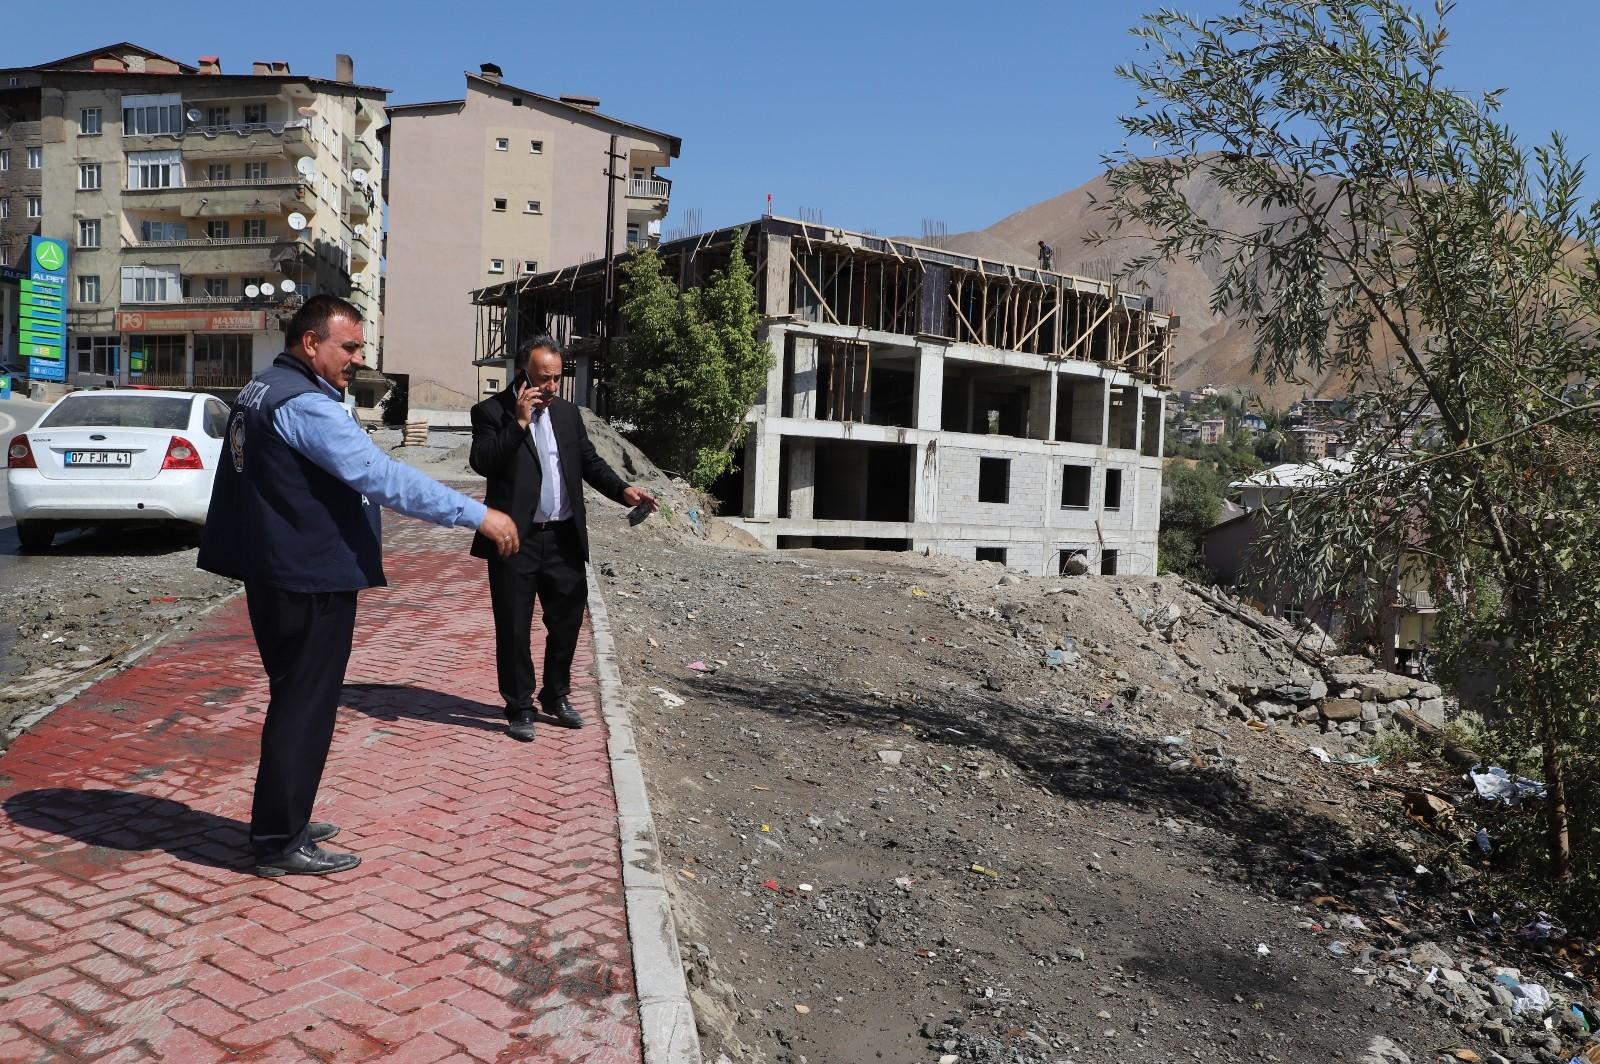 Hakkari Belediyesinden çevre temizliği #hakkari